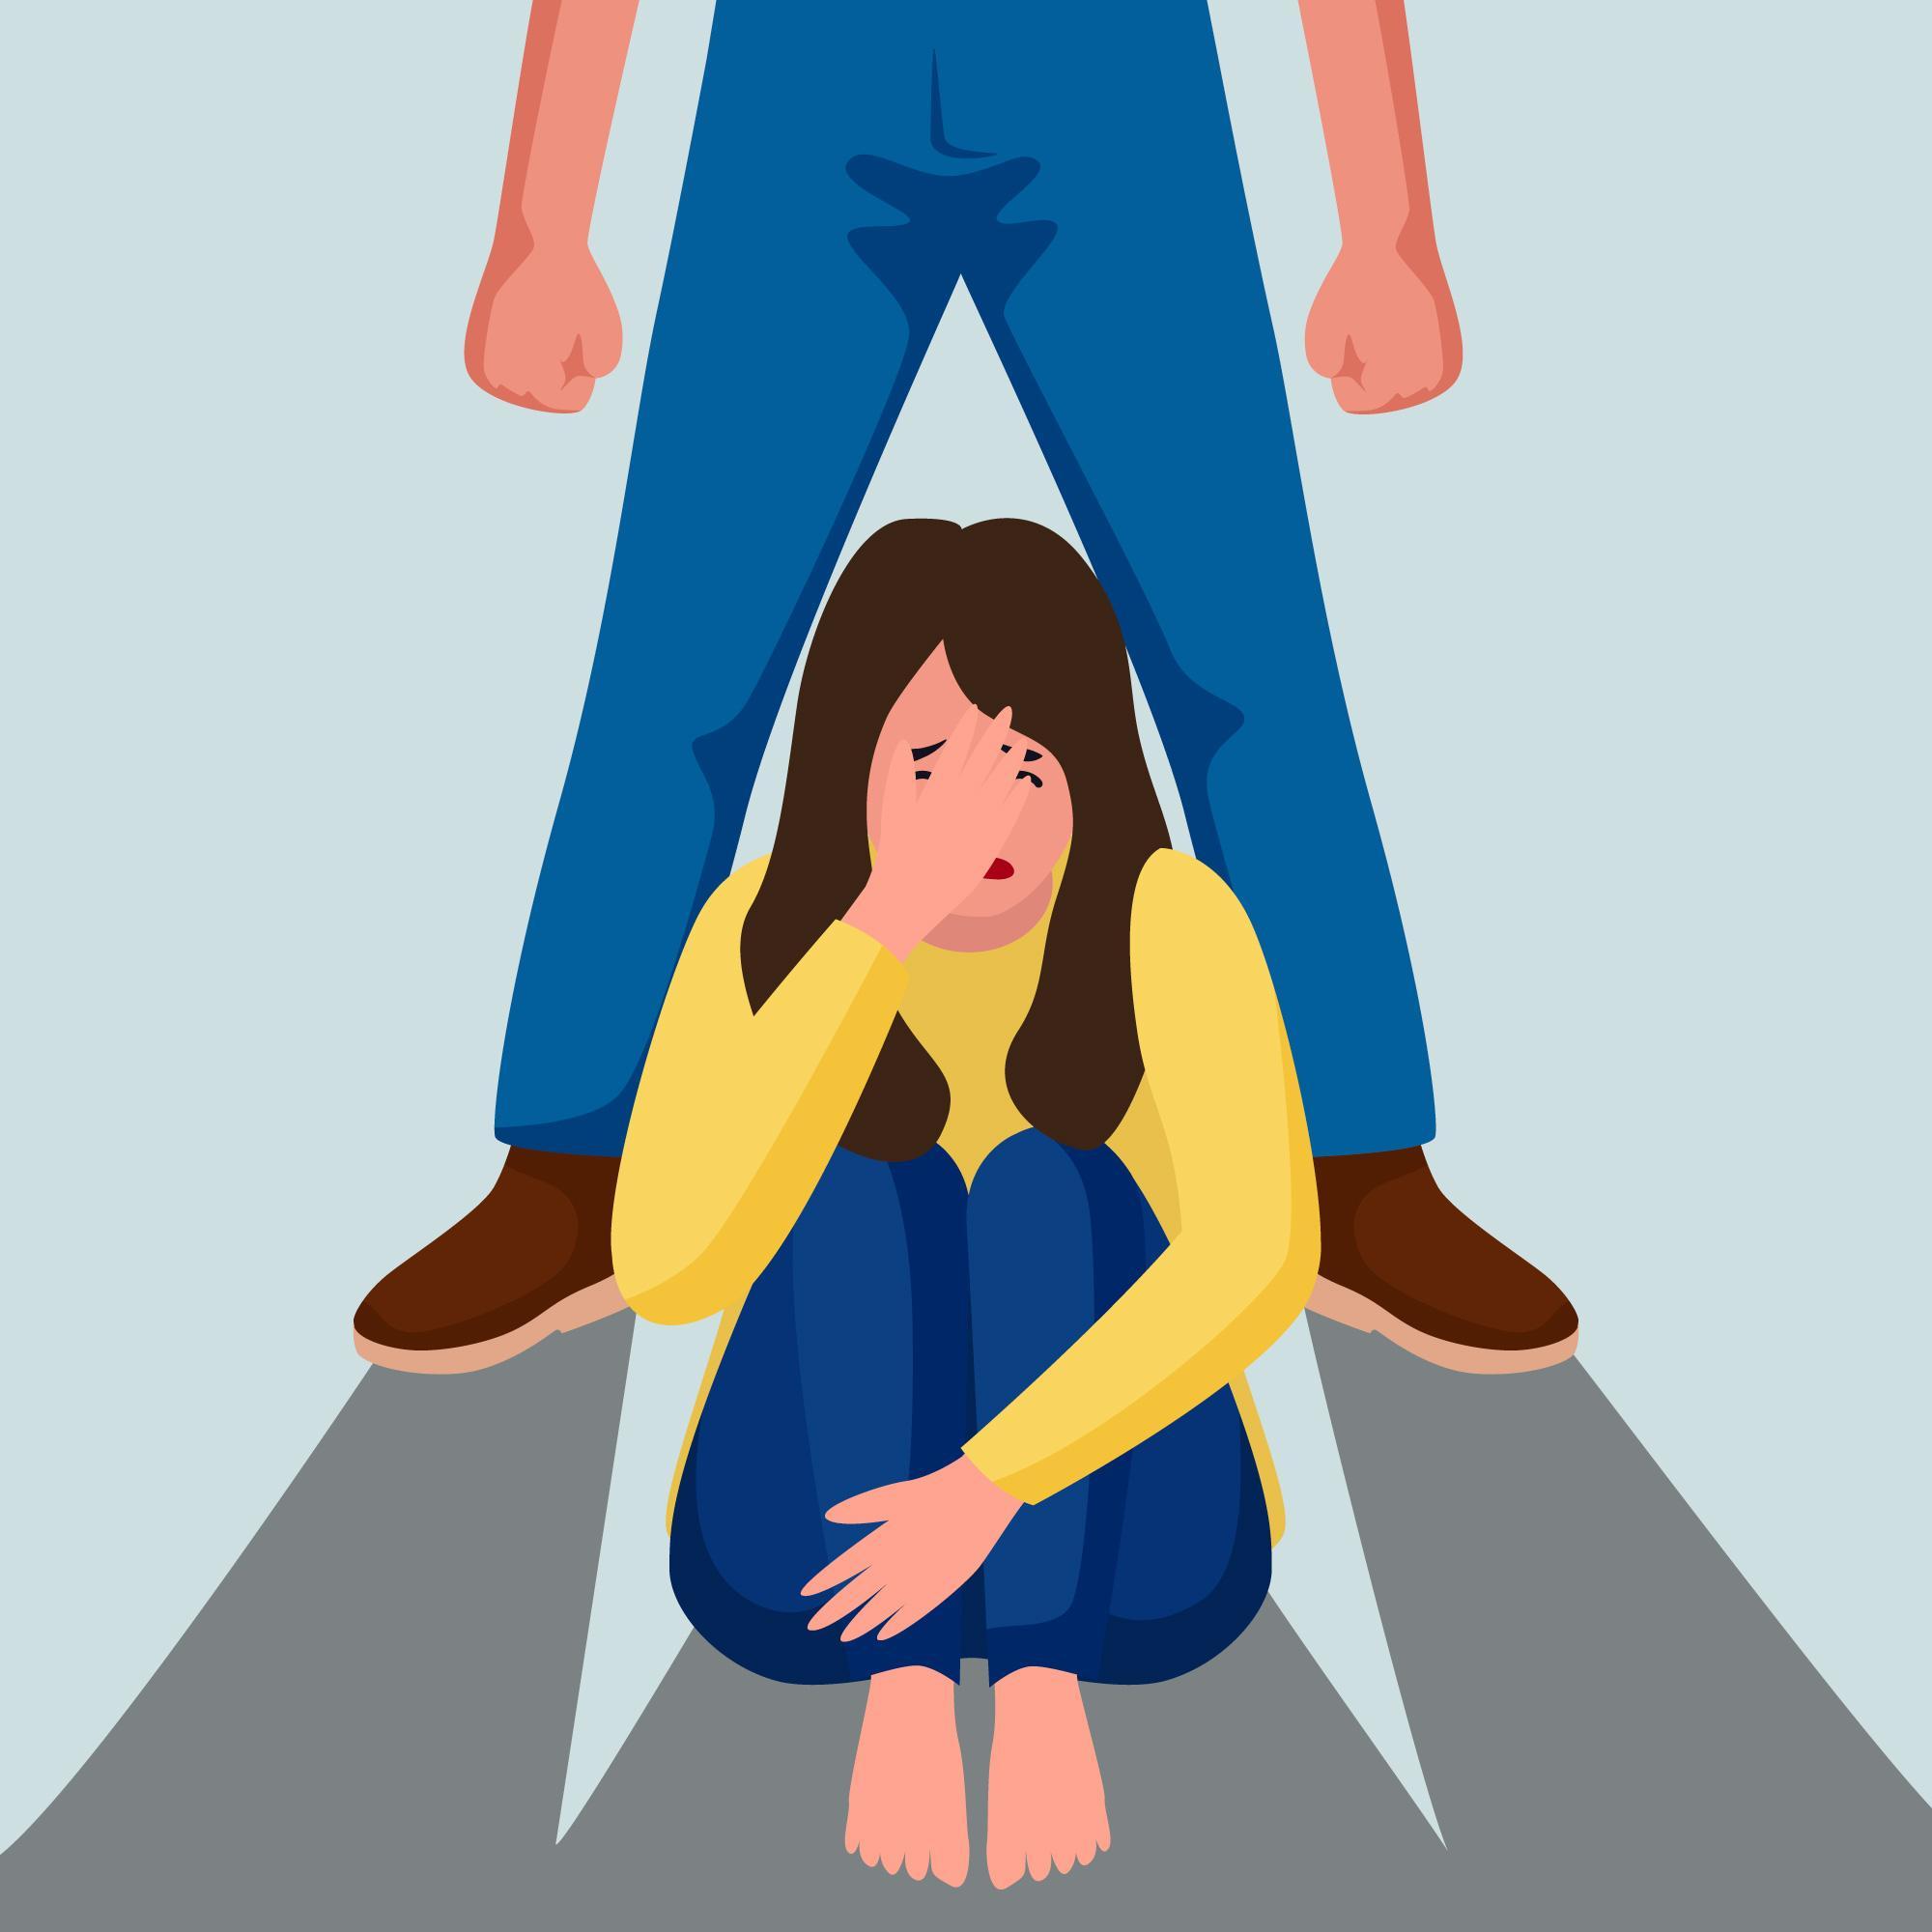 relacionamento abusivo, tóxico